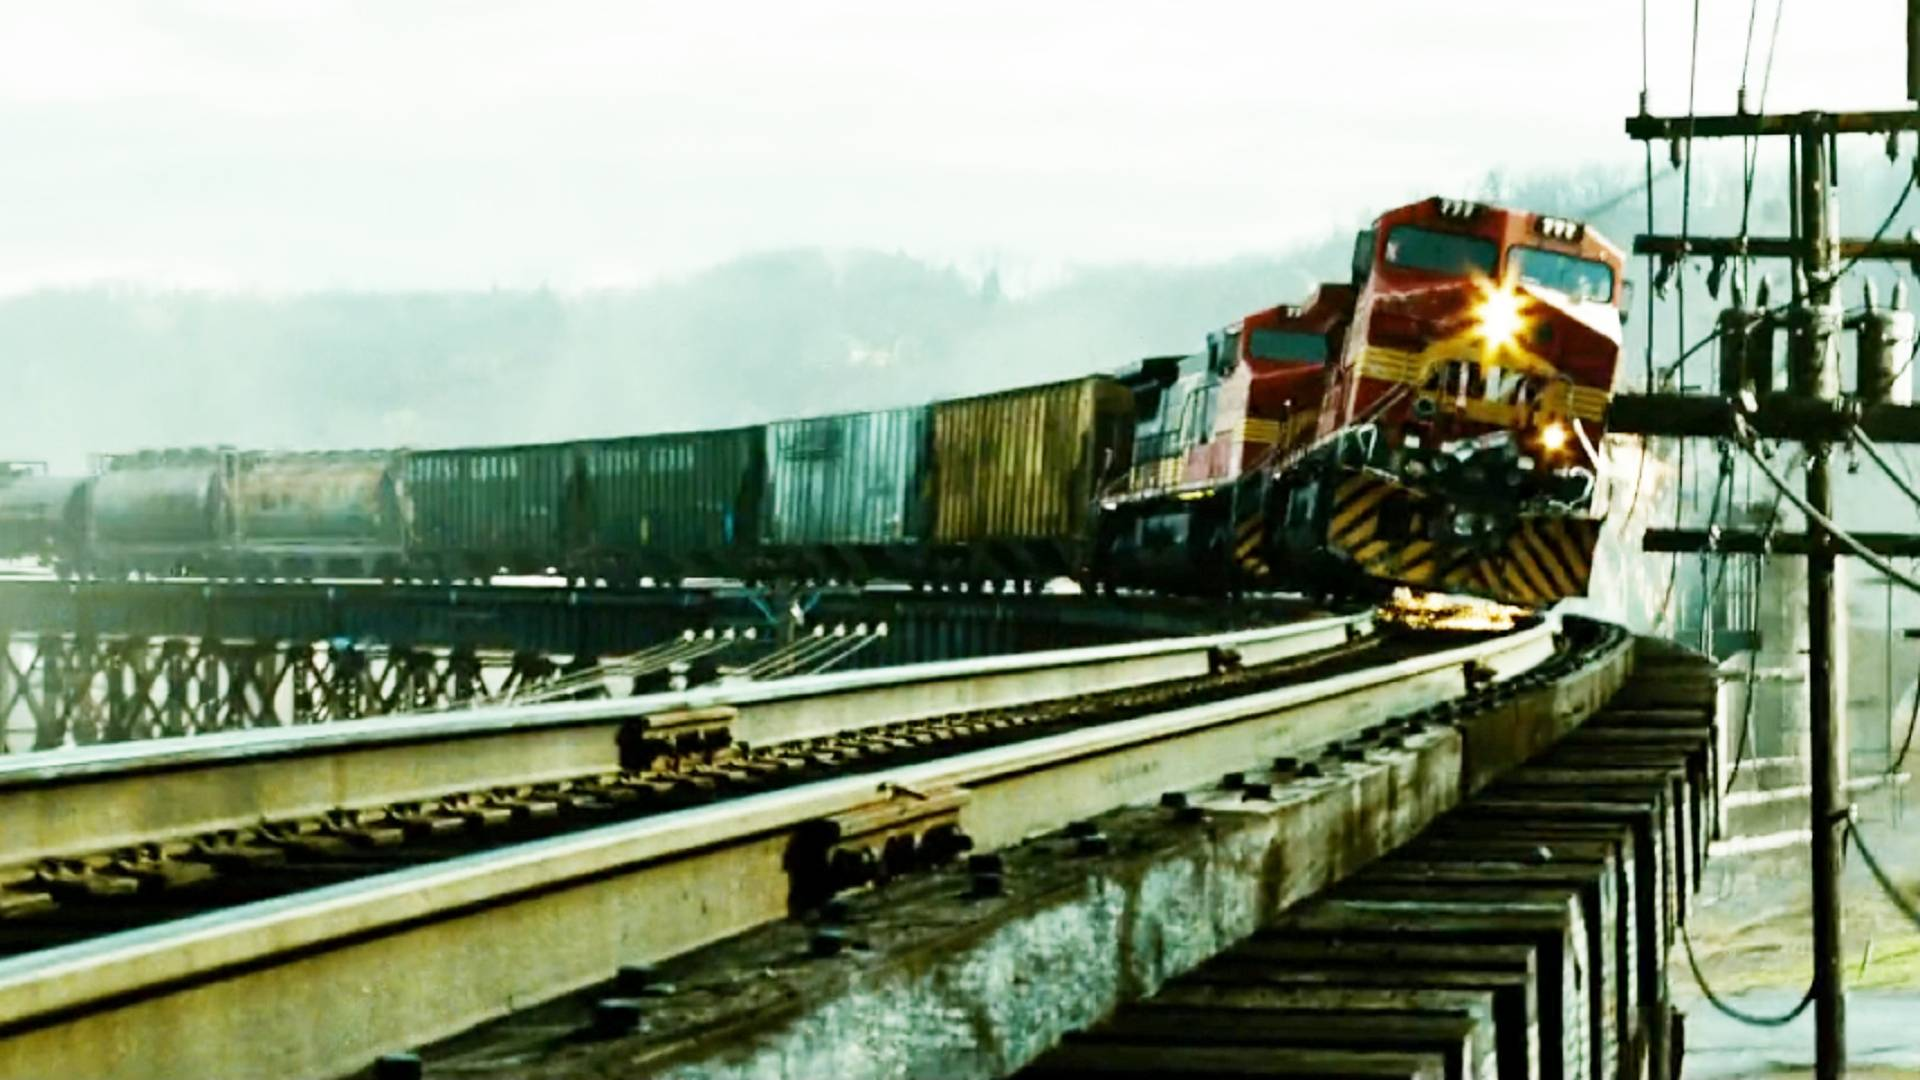 真实事件改编,一次违章操作,导致重万吨的火车事故